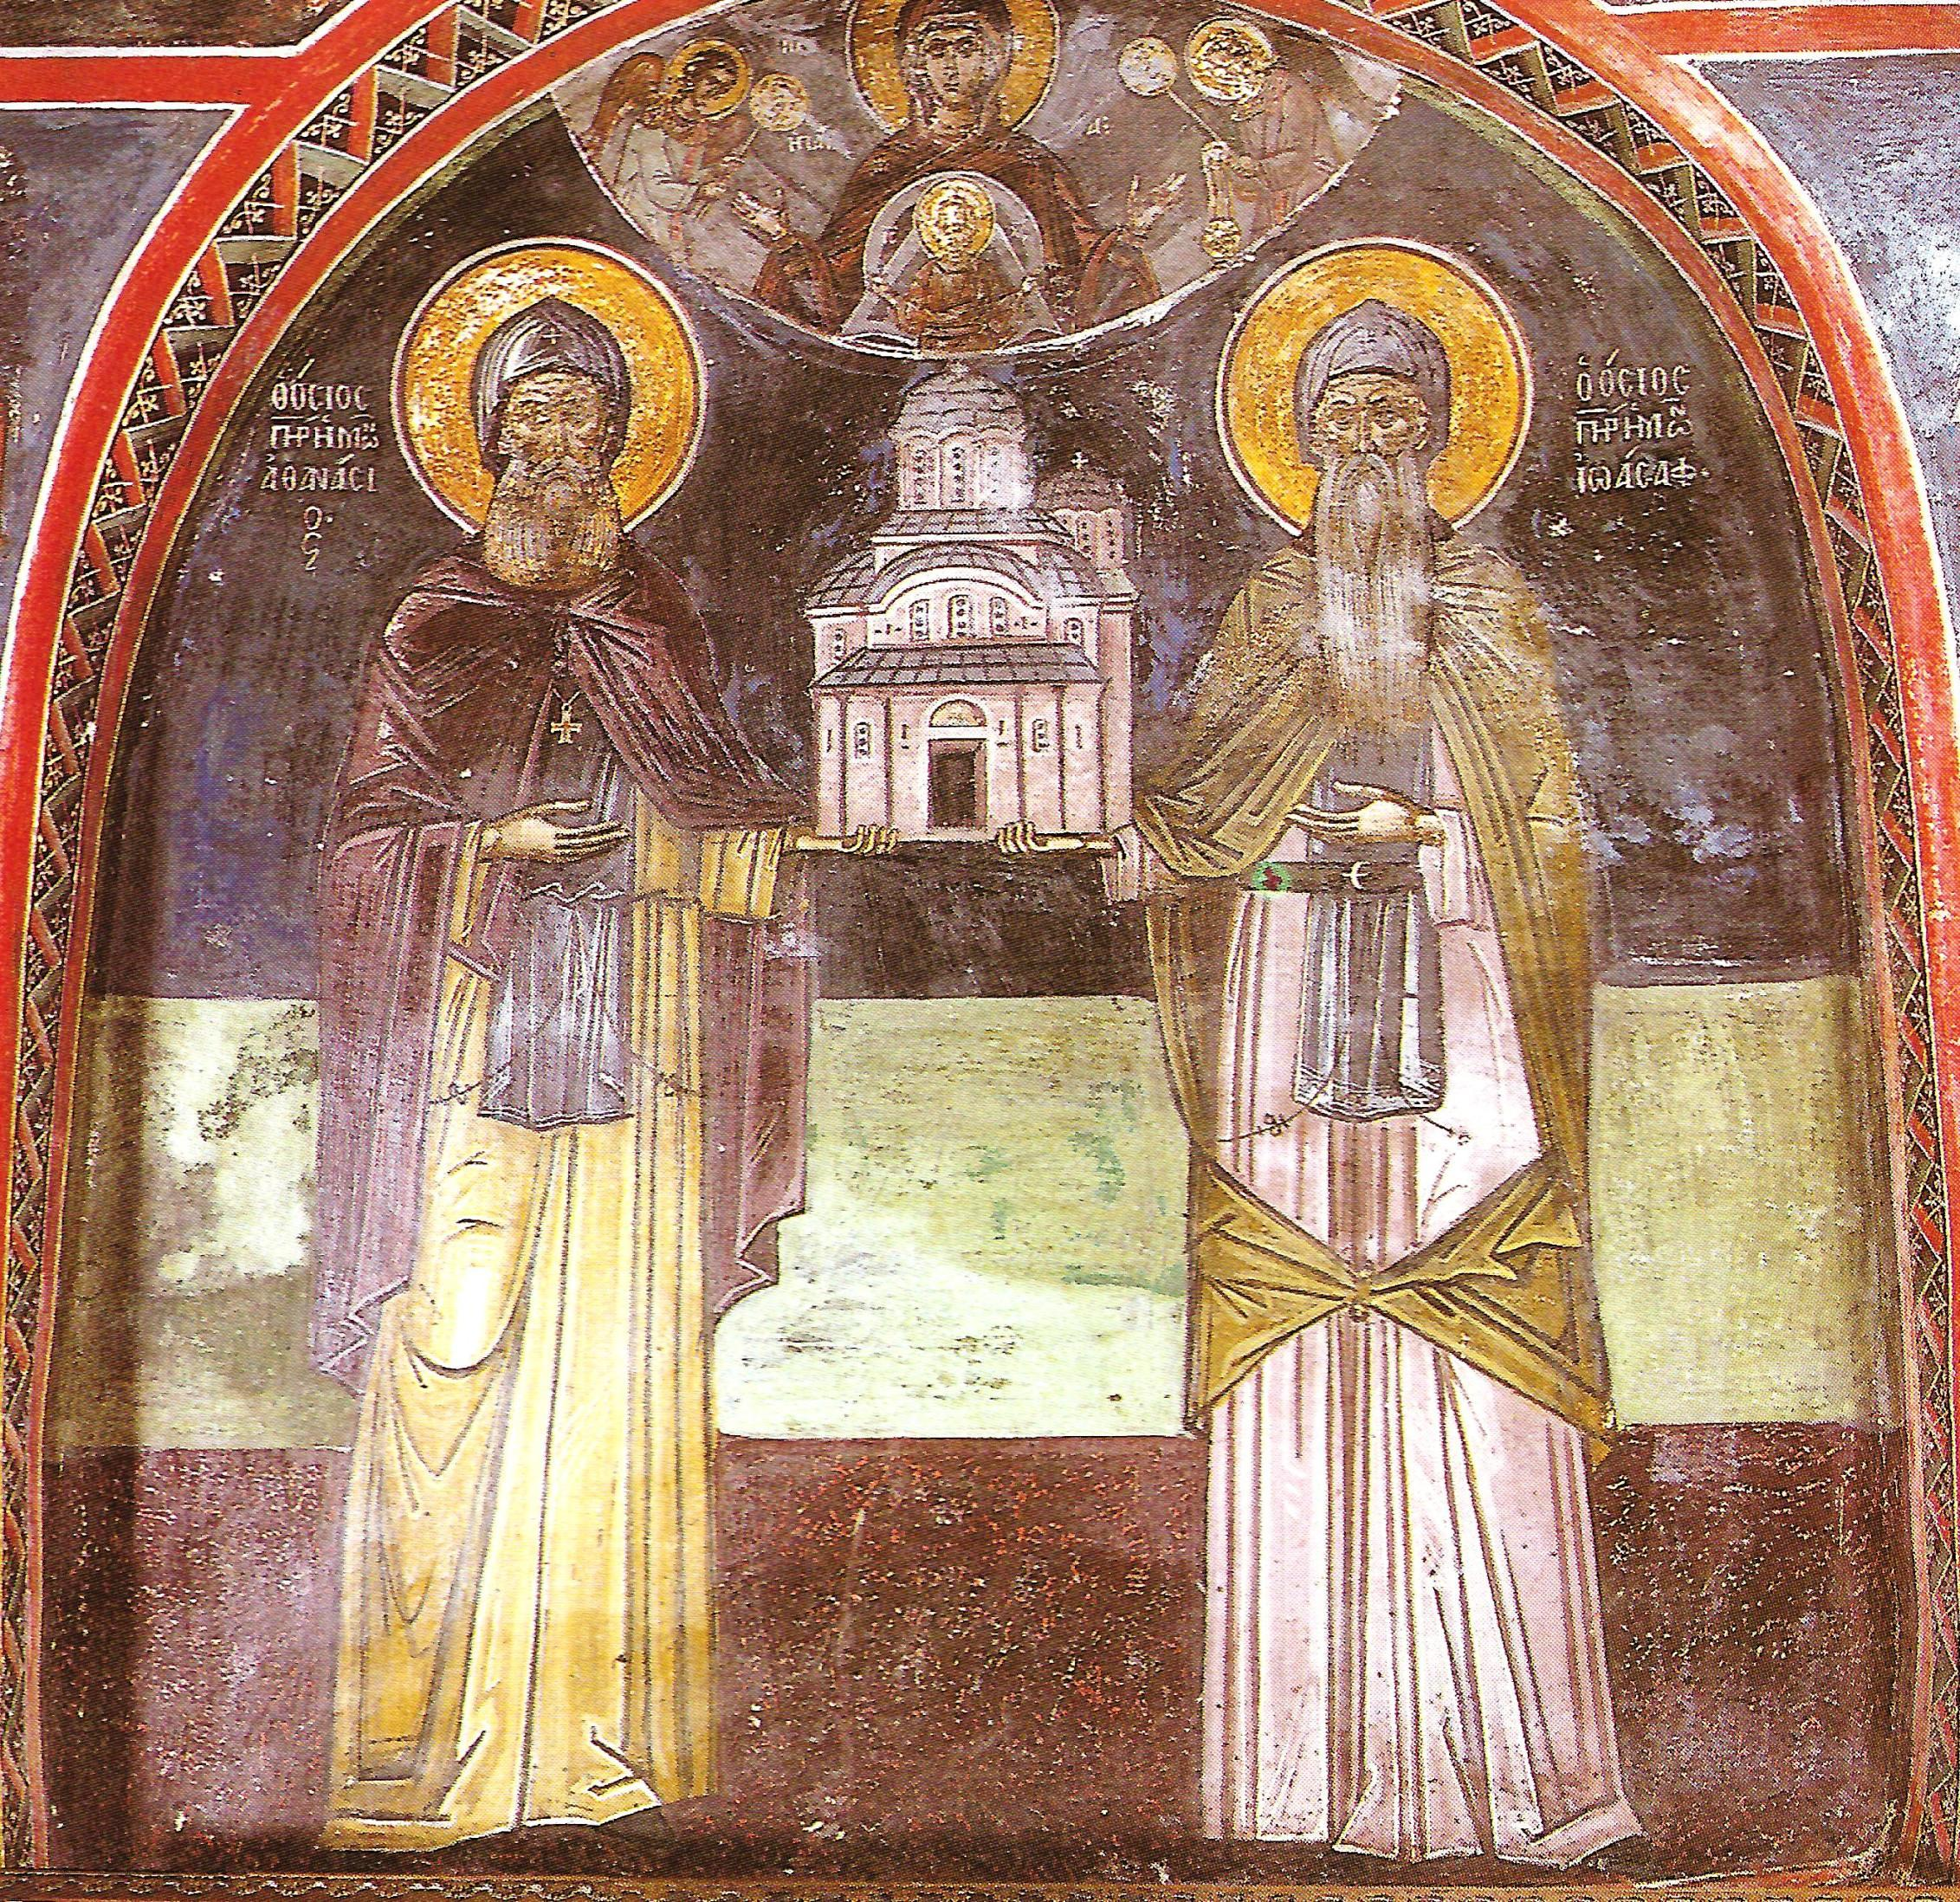 Οι κτίτορες της μονής όσιος Αθανάσιος και όσιος Ιωάσαφ. Τοιχογραφία στο νάρθηκα του καθολικού.